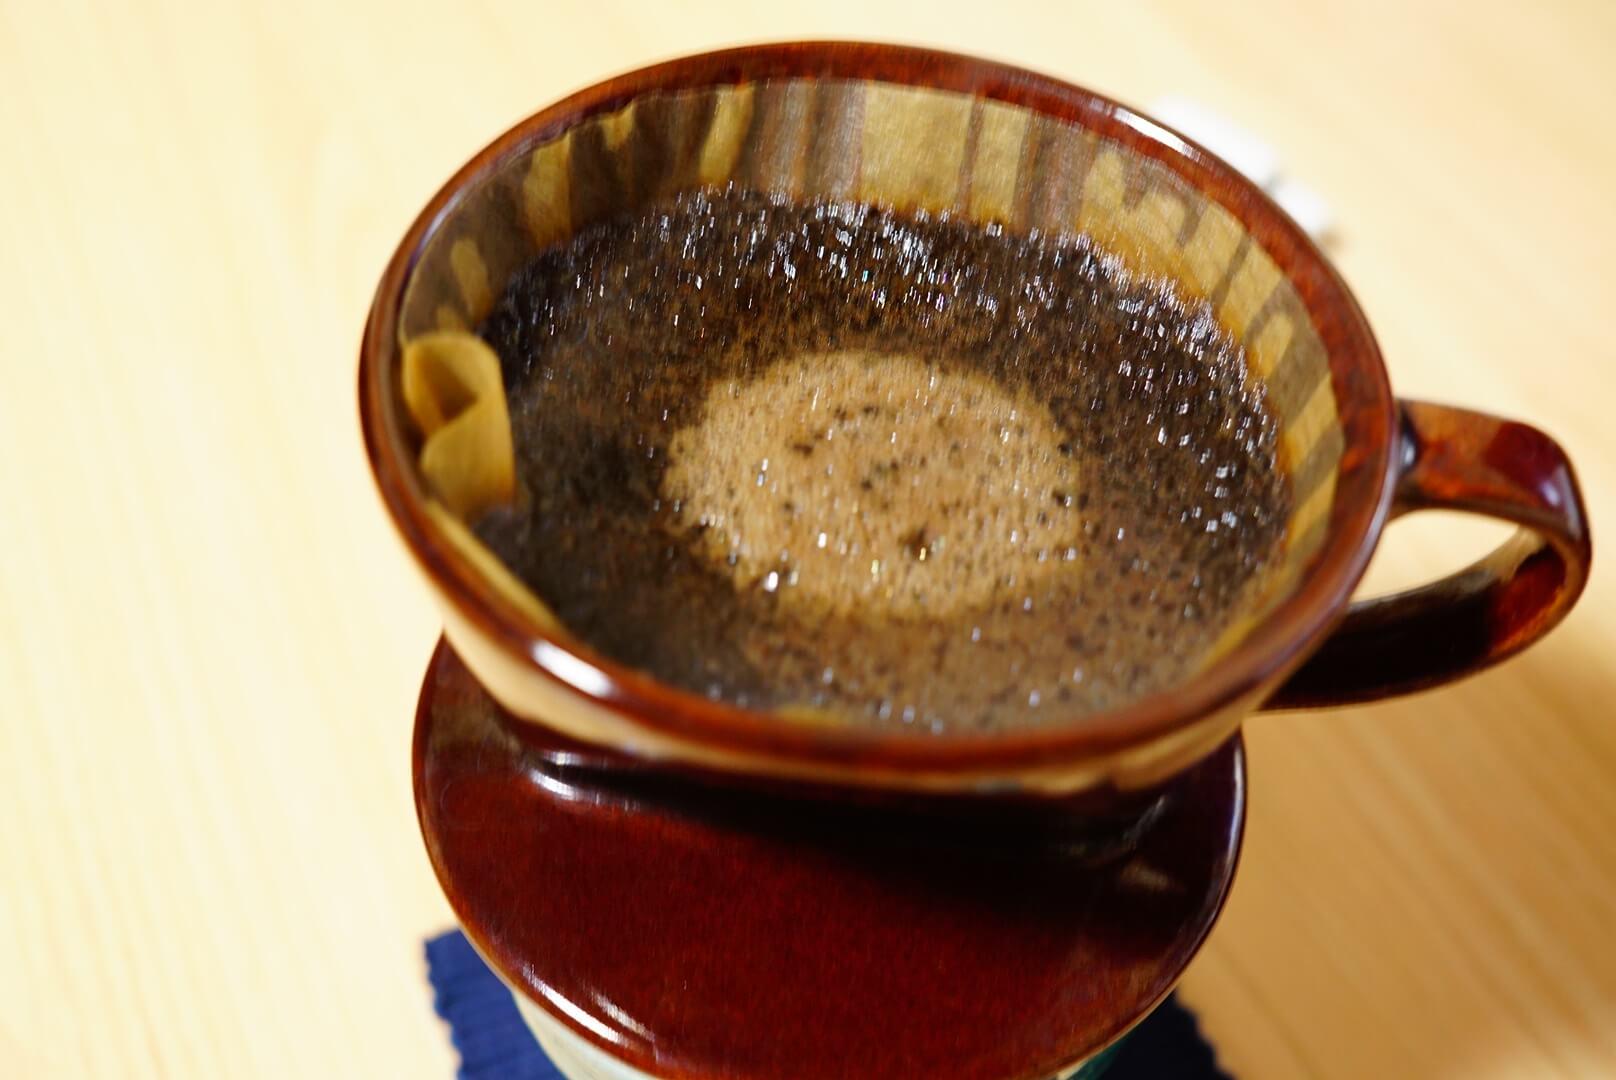 土手を崩さないよう気をつけているコーヒー